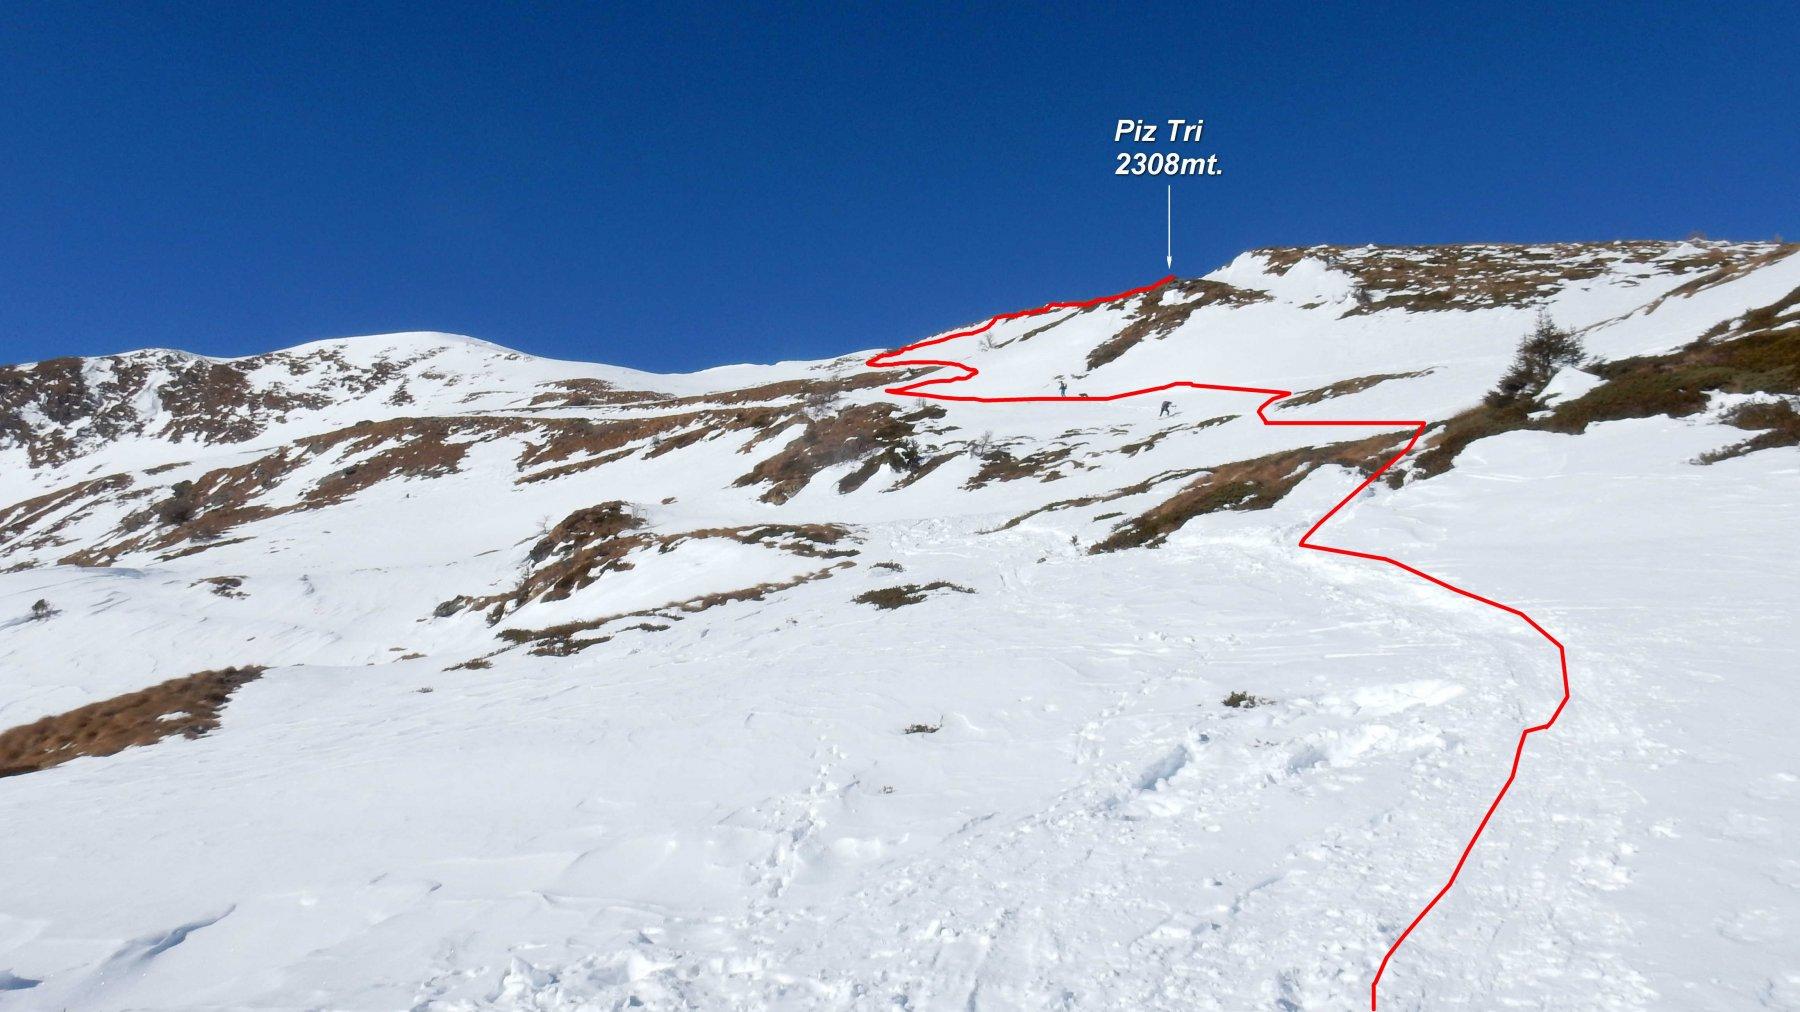 In rosso la traccia  sul tratto finale che porta al Piz Tri spelacchiato dal vento.